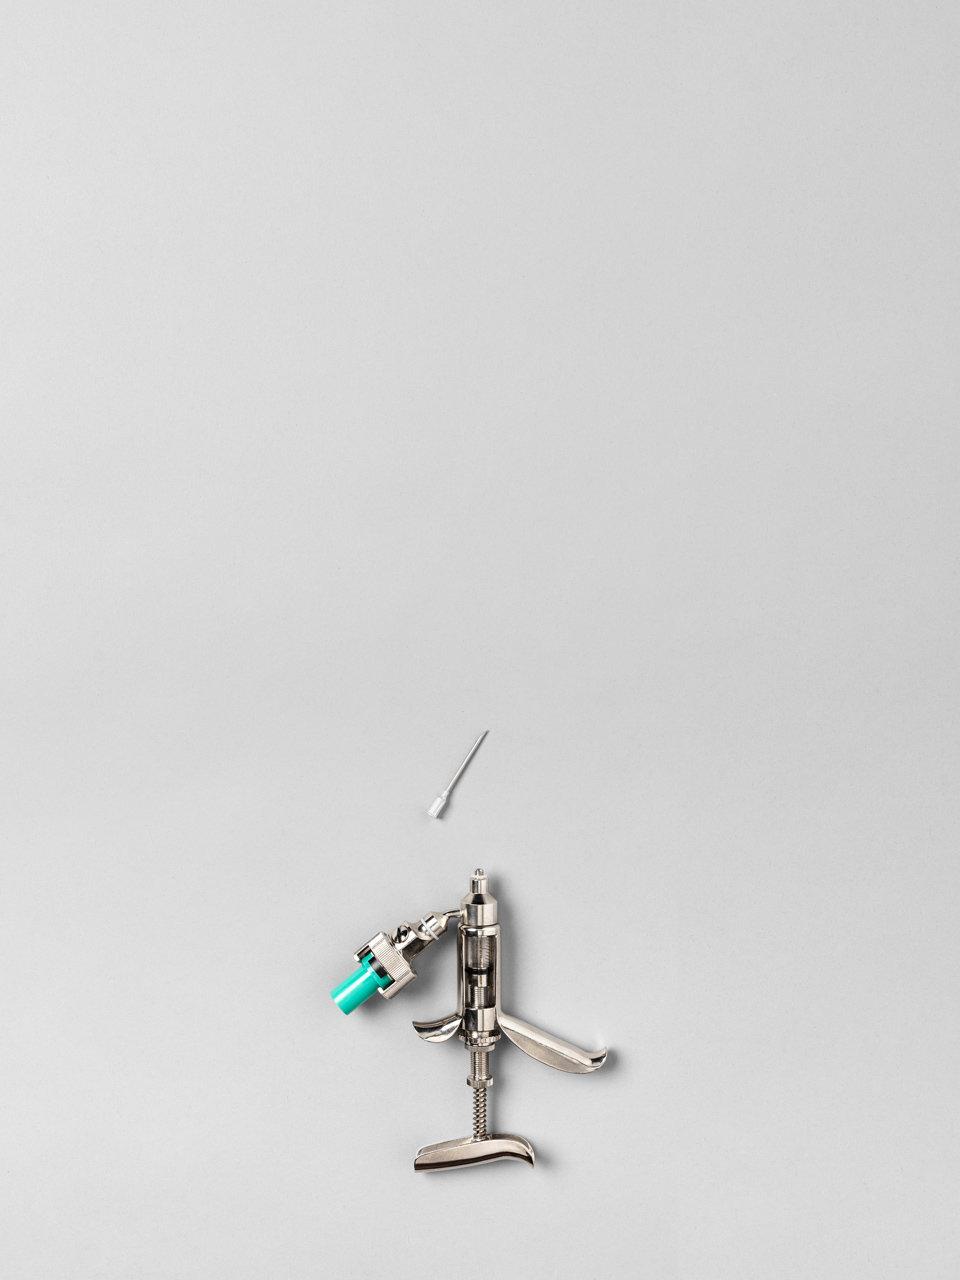 Injektionsspritze